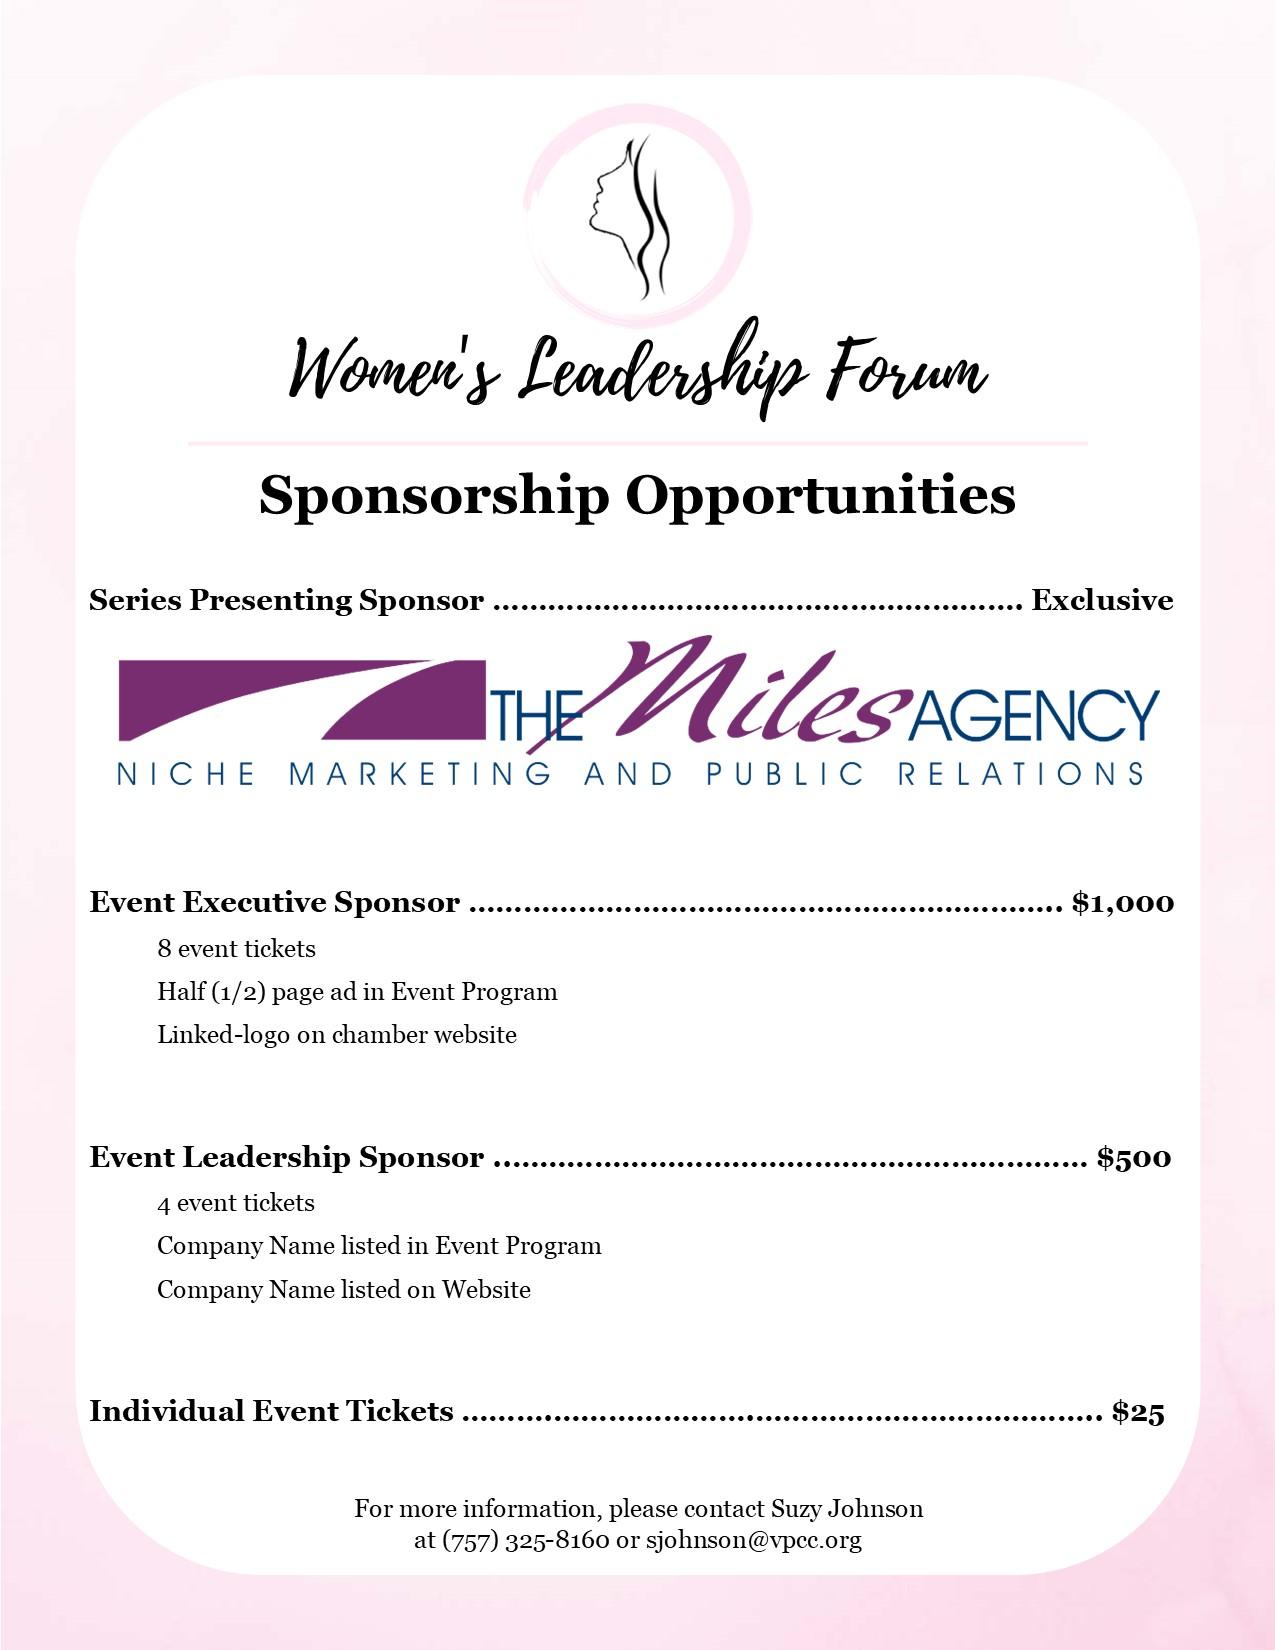 Women's-Leadership-Forum-(SPONSORSHIPS).jpg